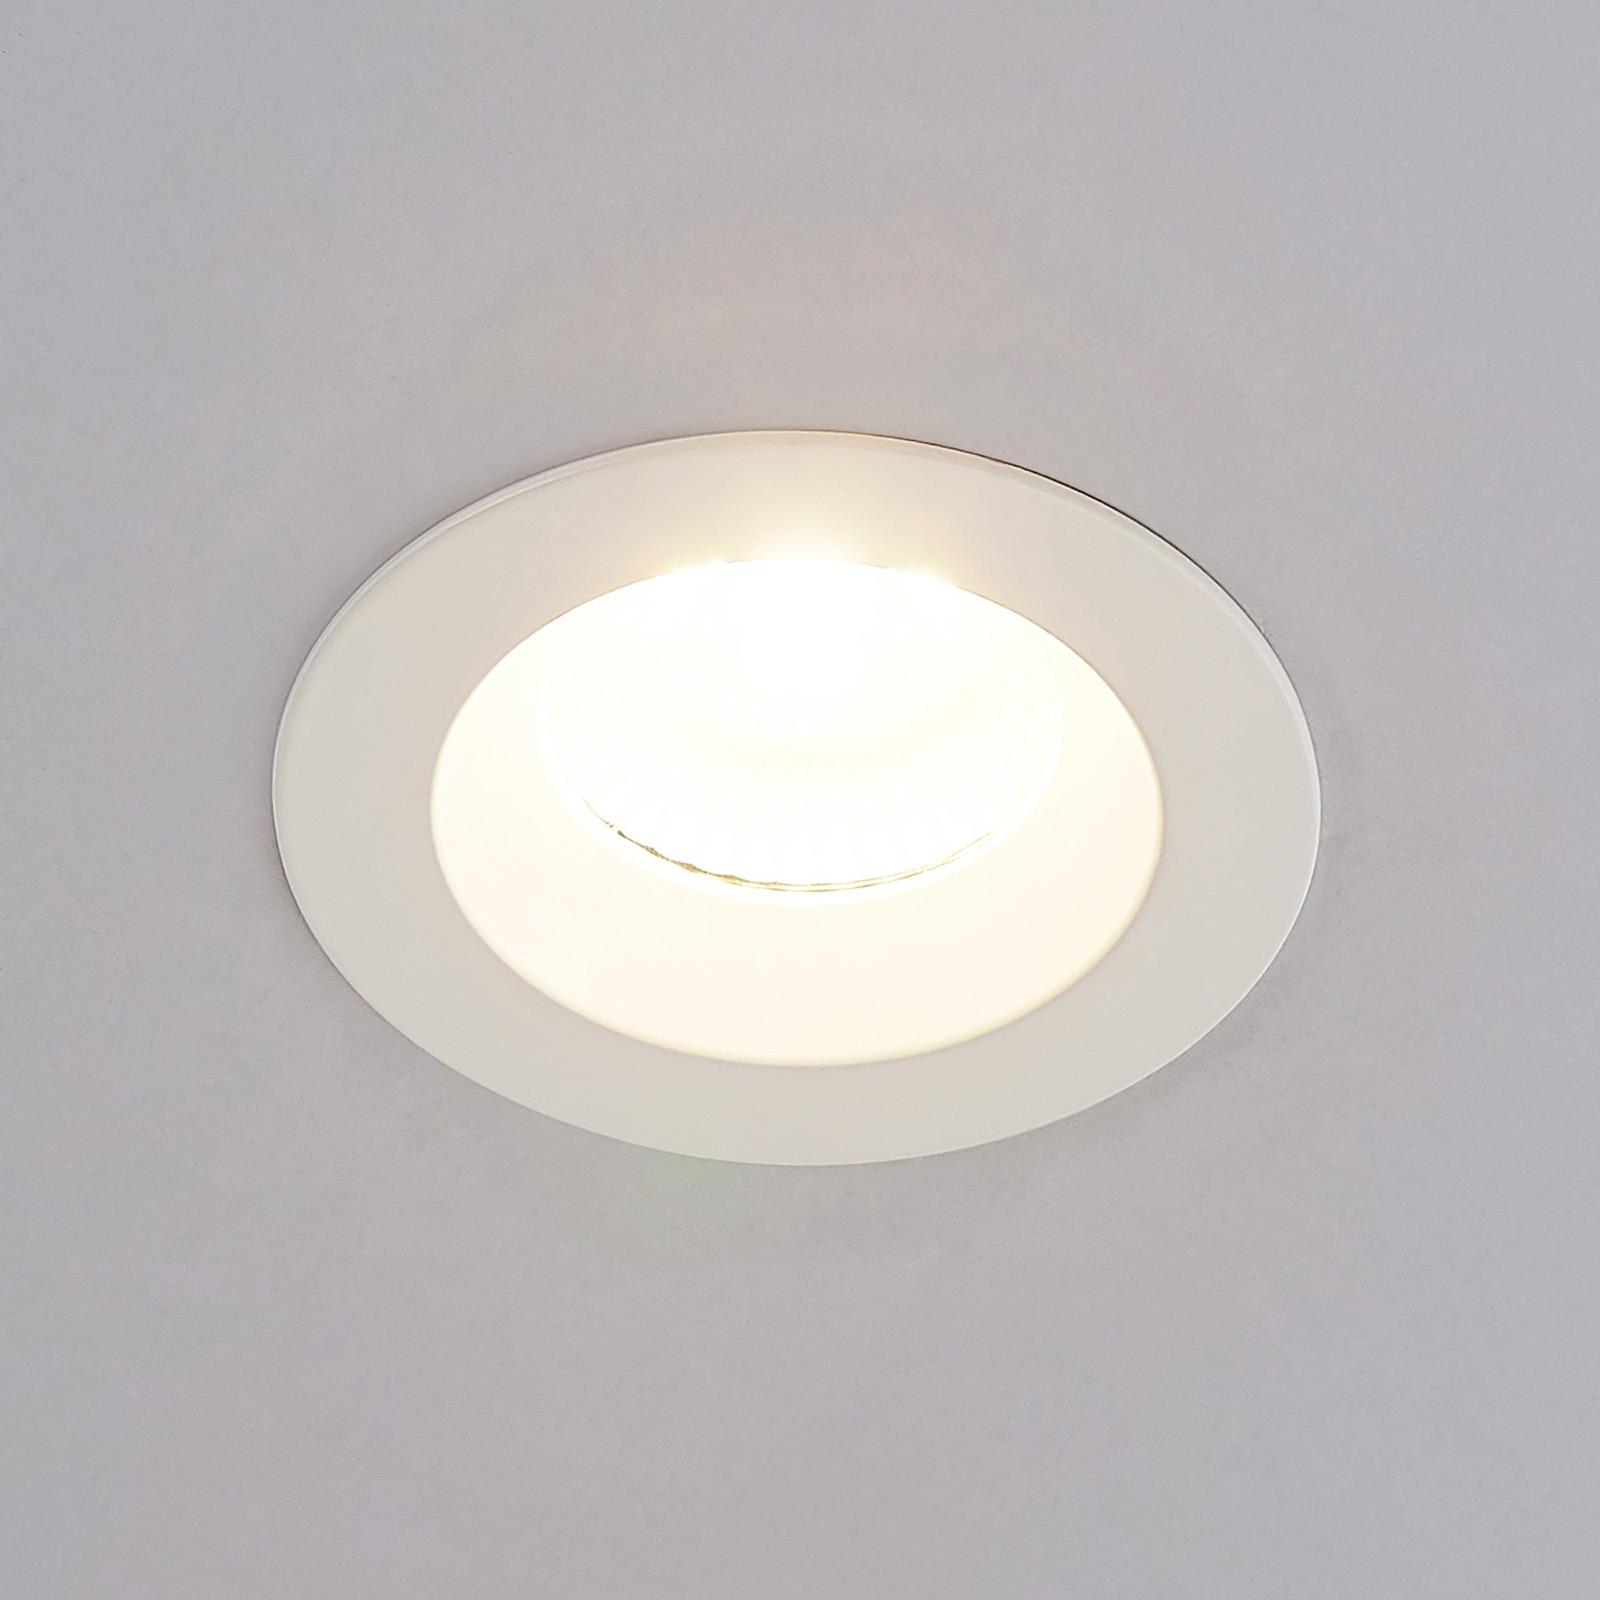 Arcchio Unai LED-Einbaustrahler 2.700K IP65, 8,6W